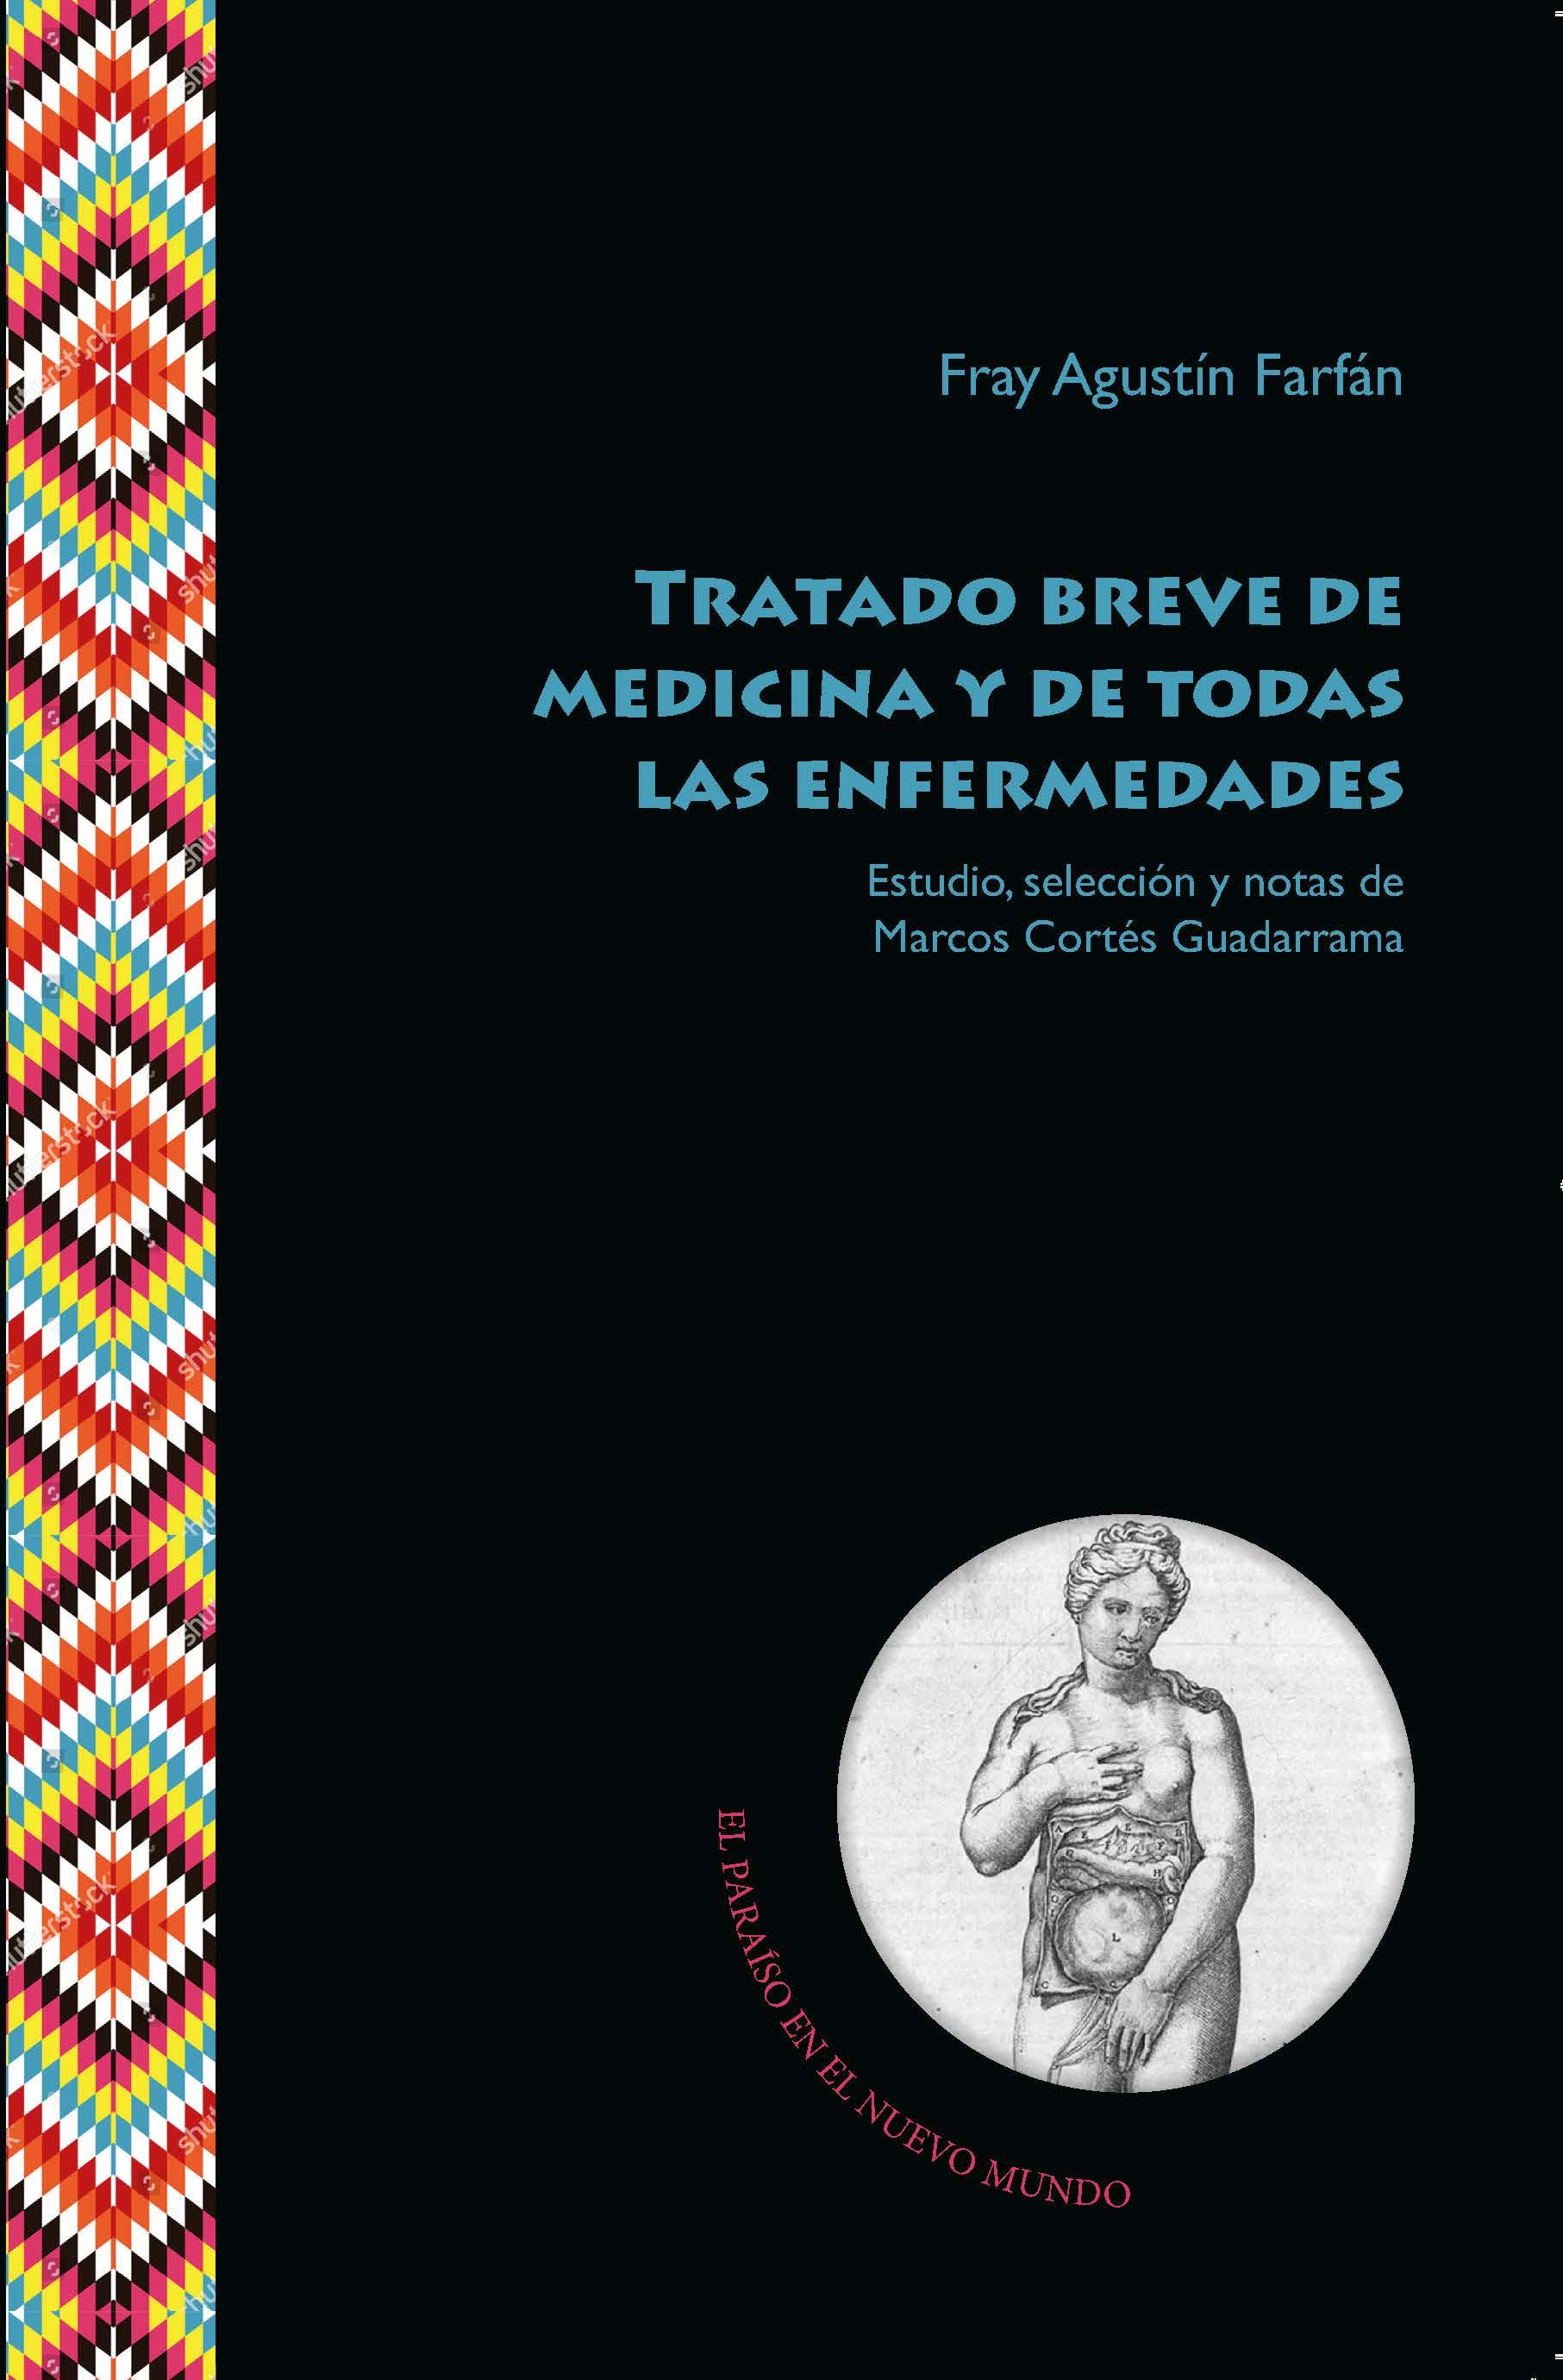 TRATADO BREVE DE MEDICINA Y DE TODAS LAS ENFERMEDADES